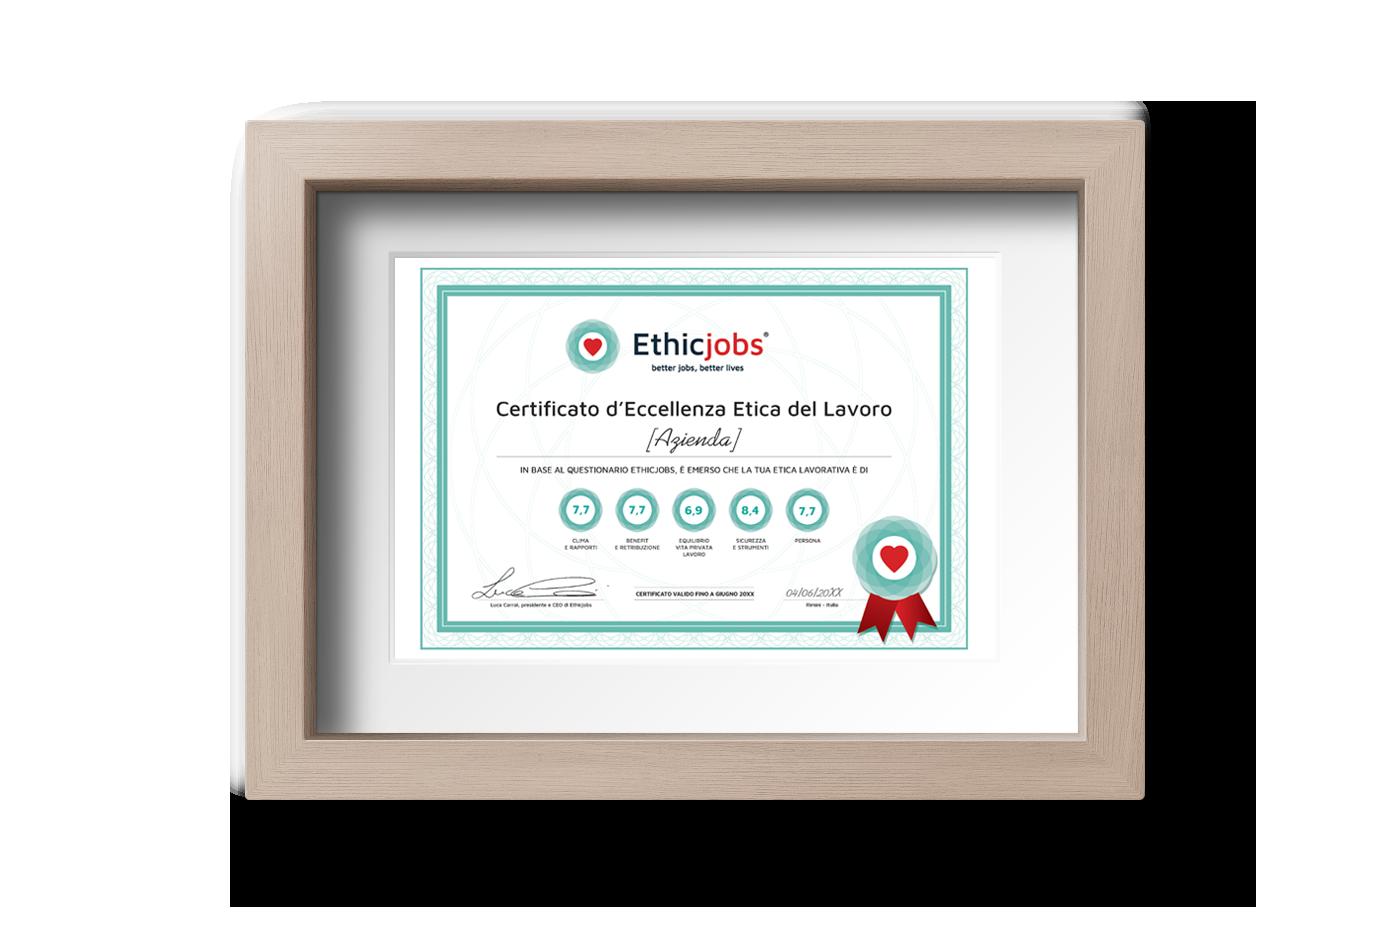 Certificato d'eccellenza Etica del lavoro